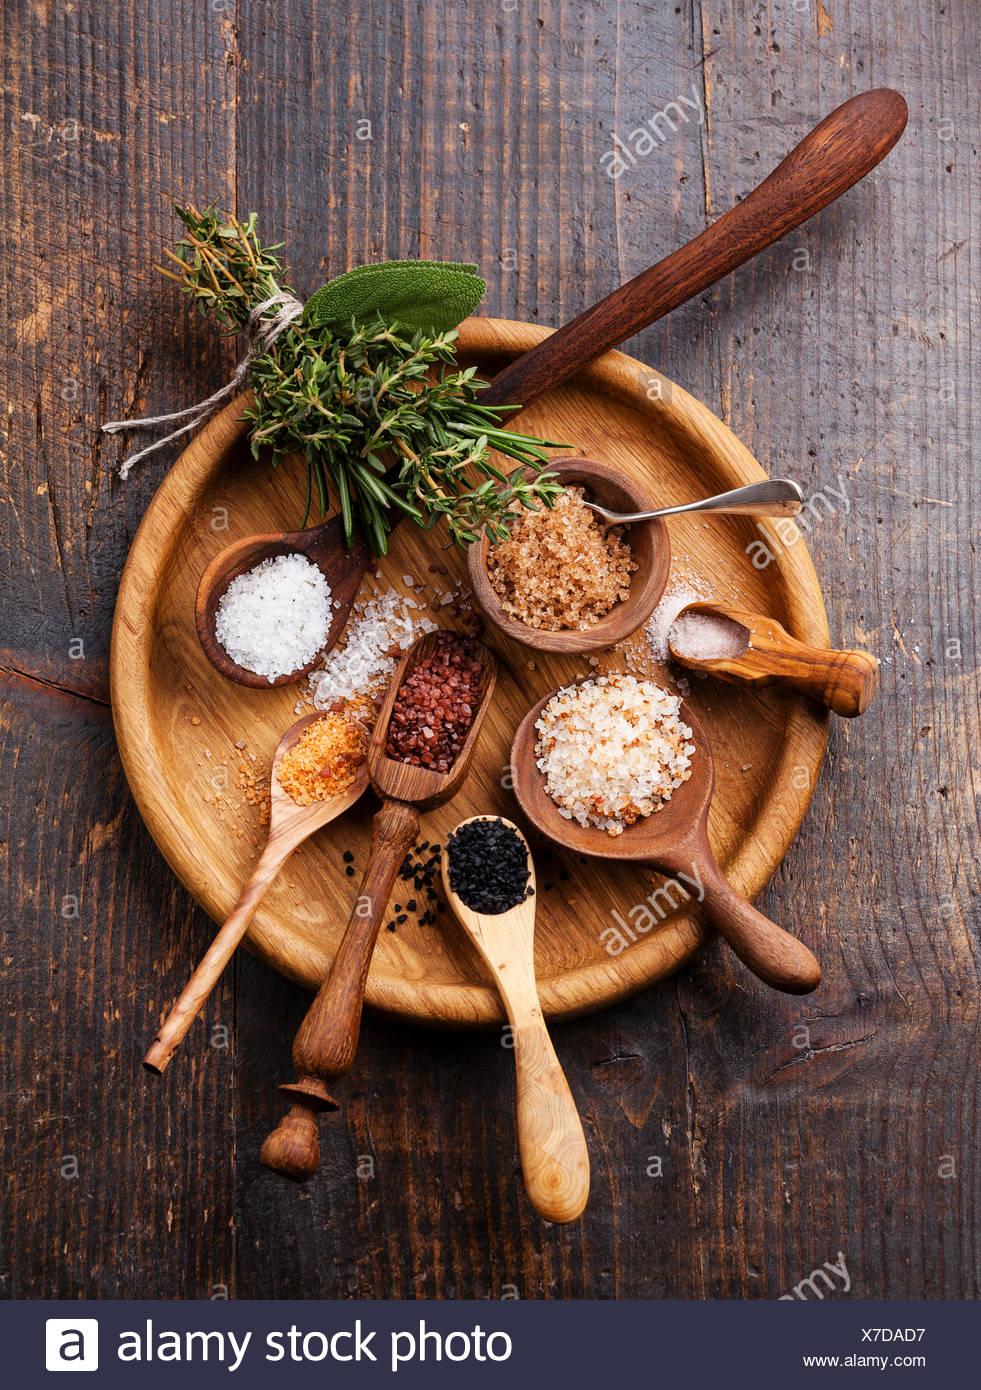 Différents types d'aliments gros sel dans des cuillères en bois sur fond sombre Photo Stock